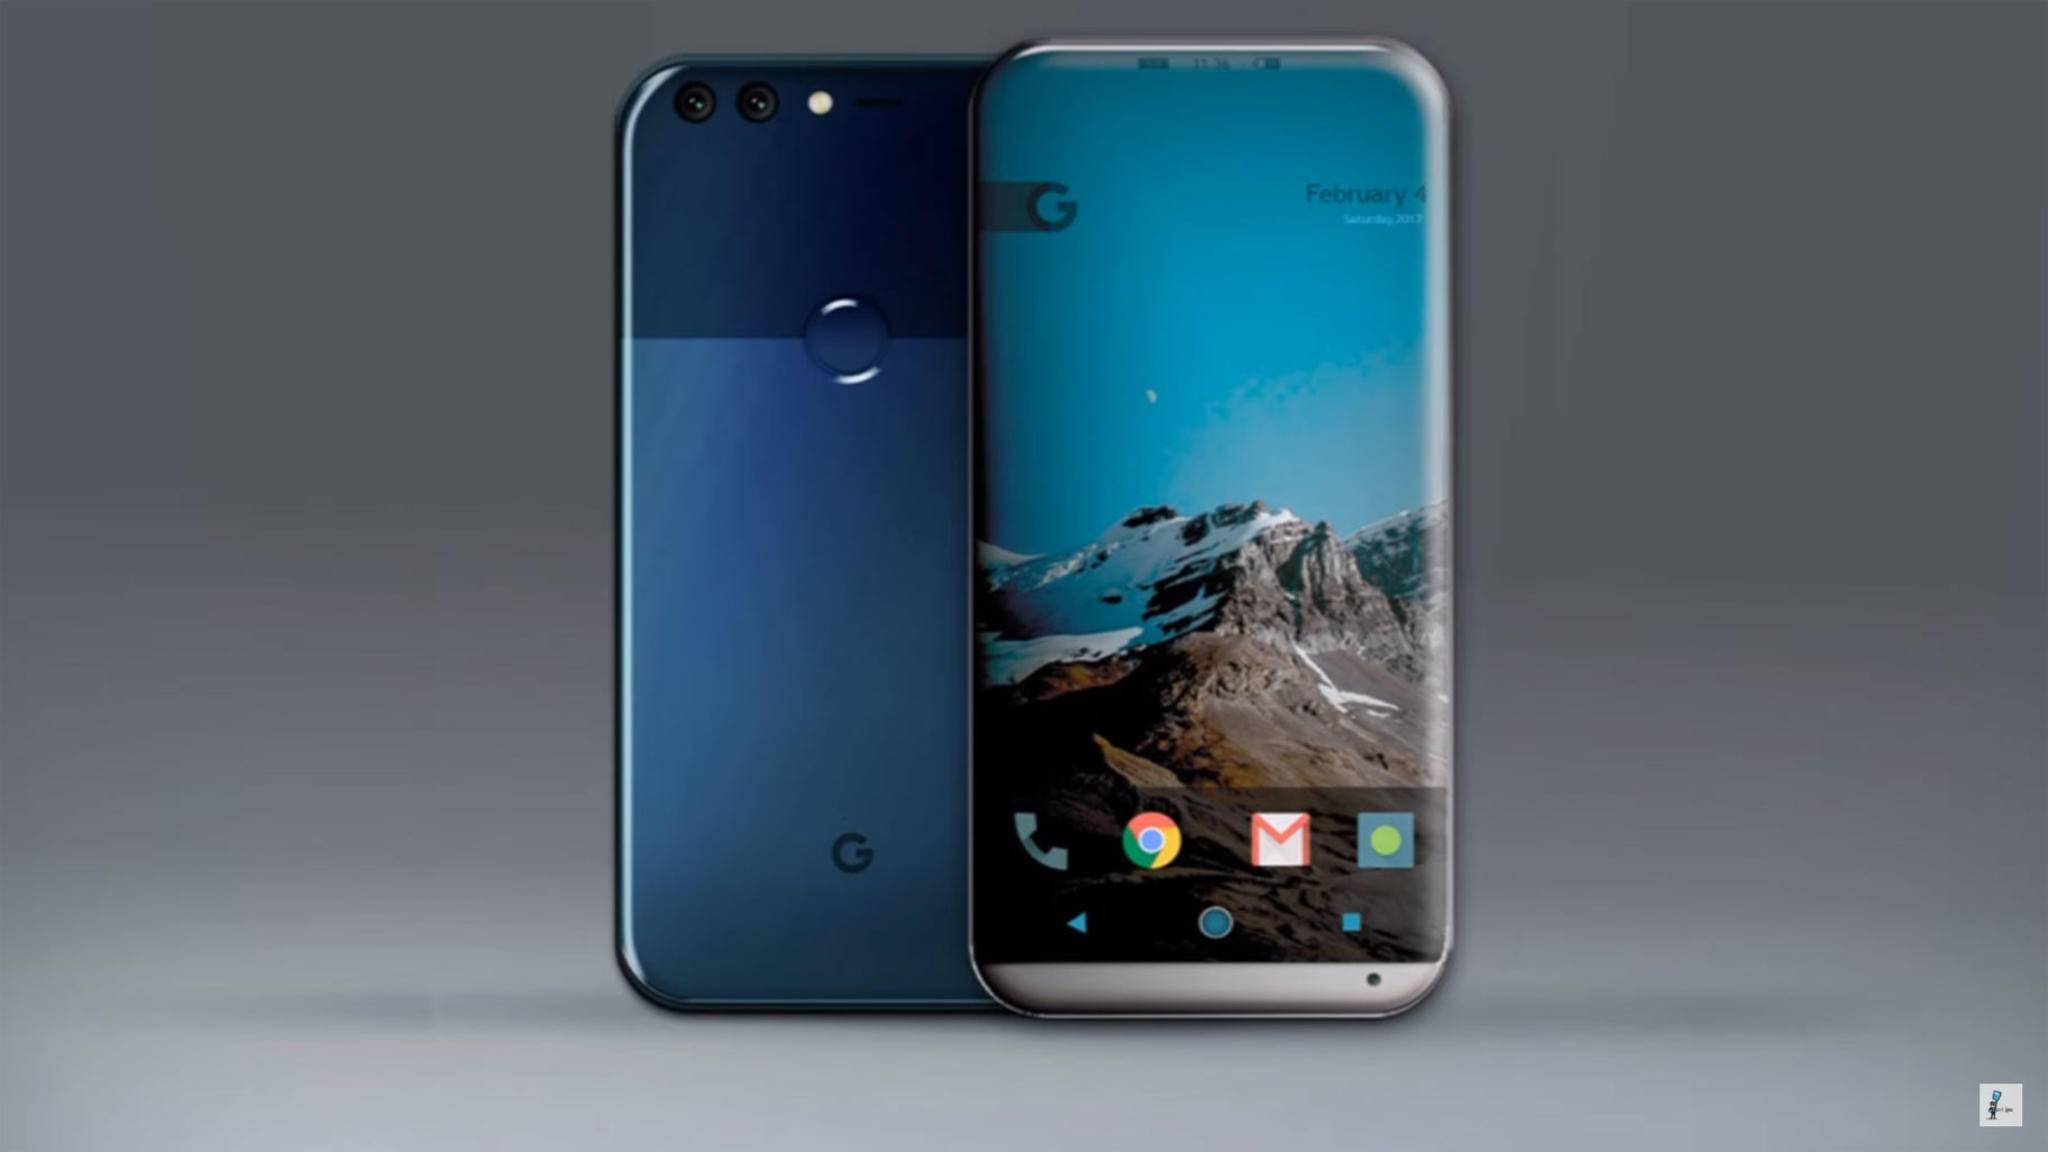 Das Display fürs neue Pixel-Smartphone könnte von LG kommen.